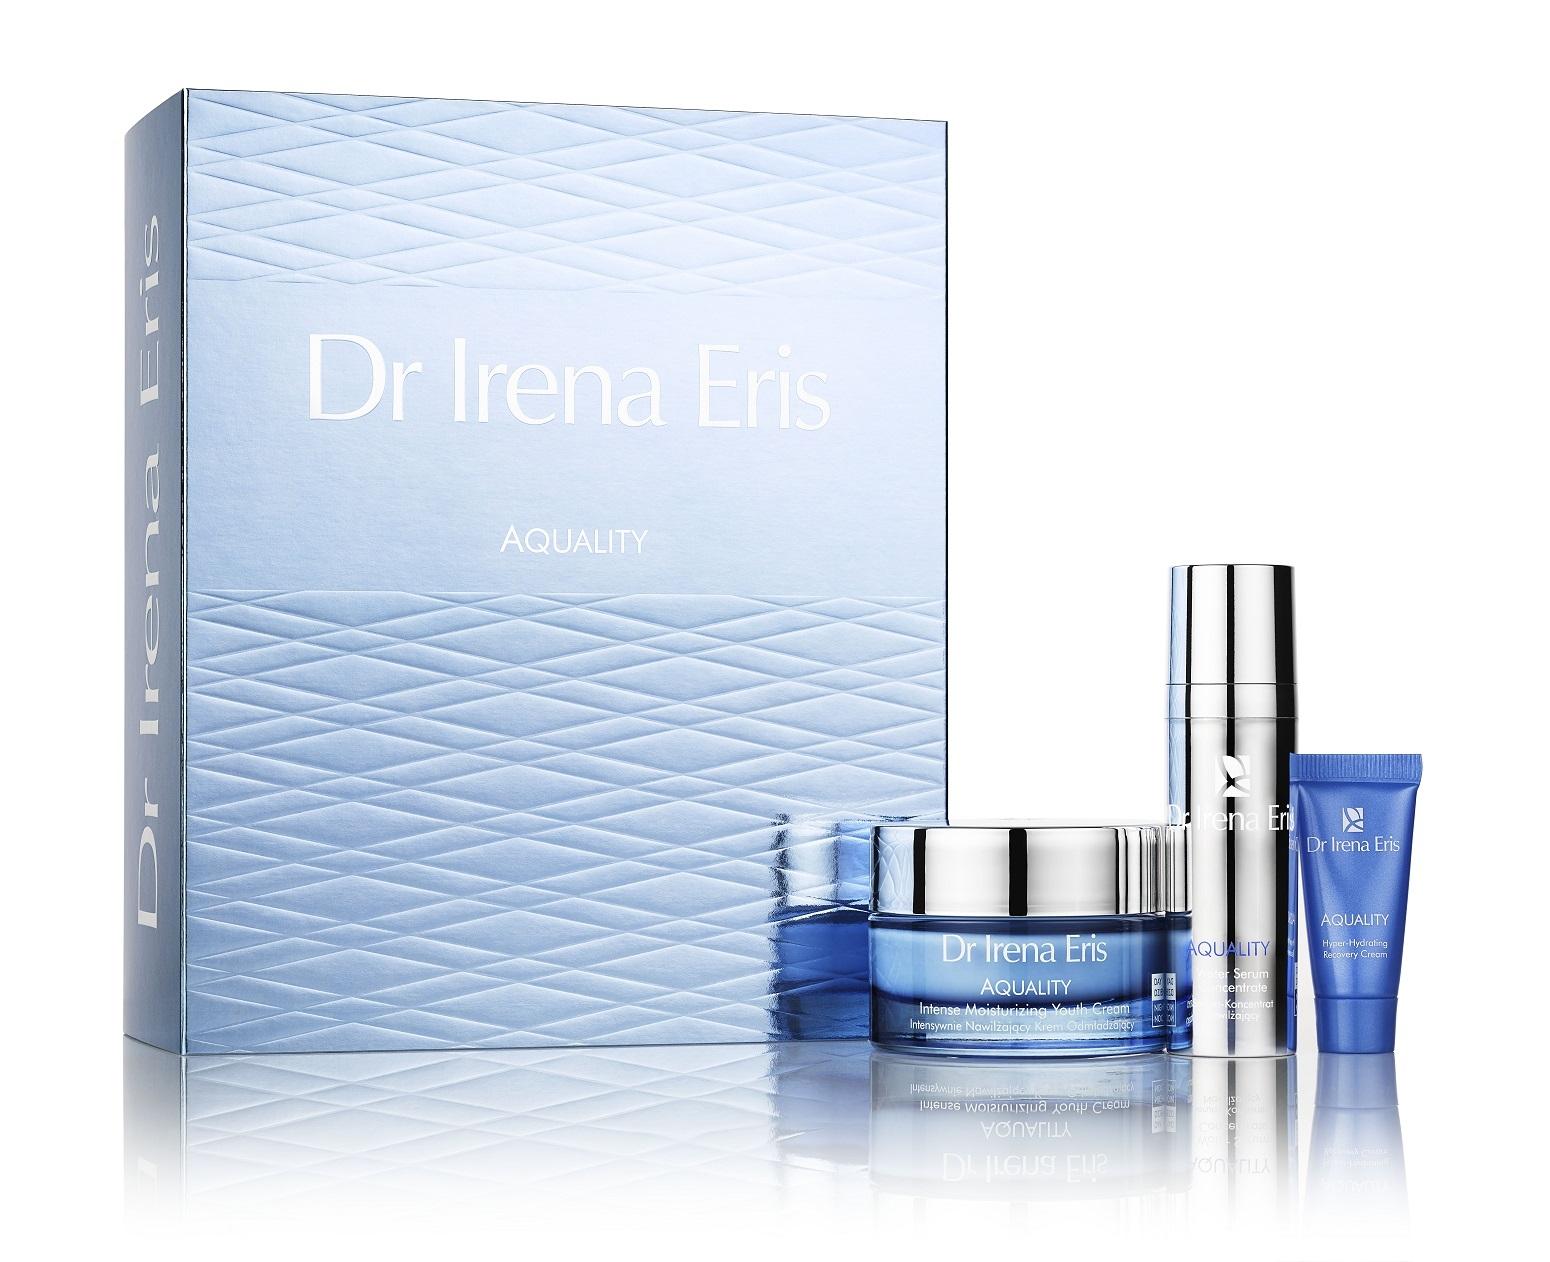 Zestaw prezentowy dla kobiet Dr Irena Eris Aquality (W) krem nawilżający 50ml + krem intensywnie nawilżający 30ml + serum 30ml